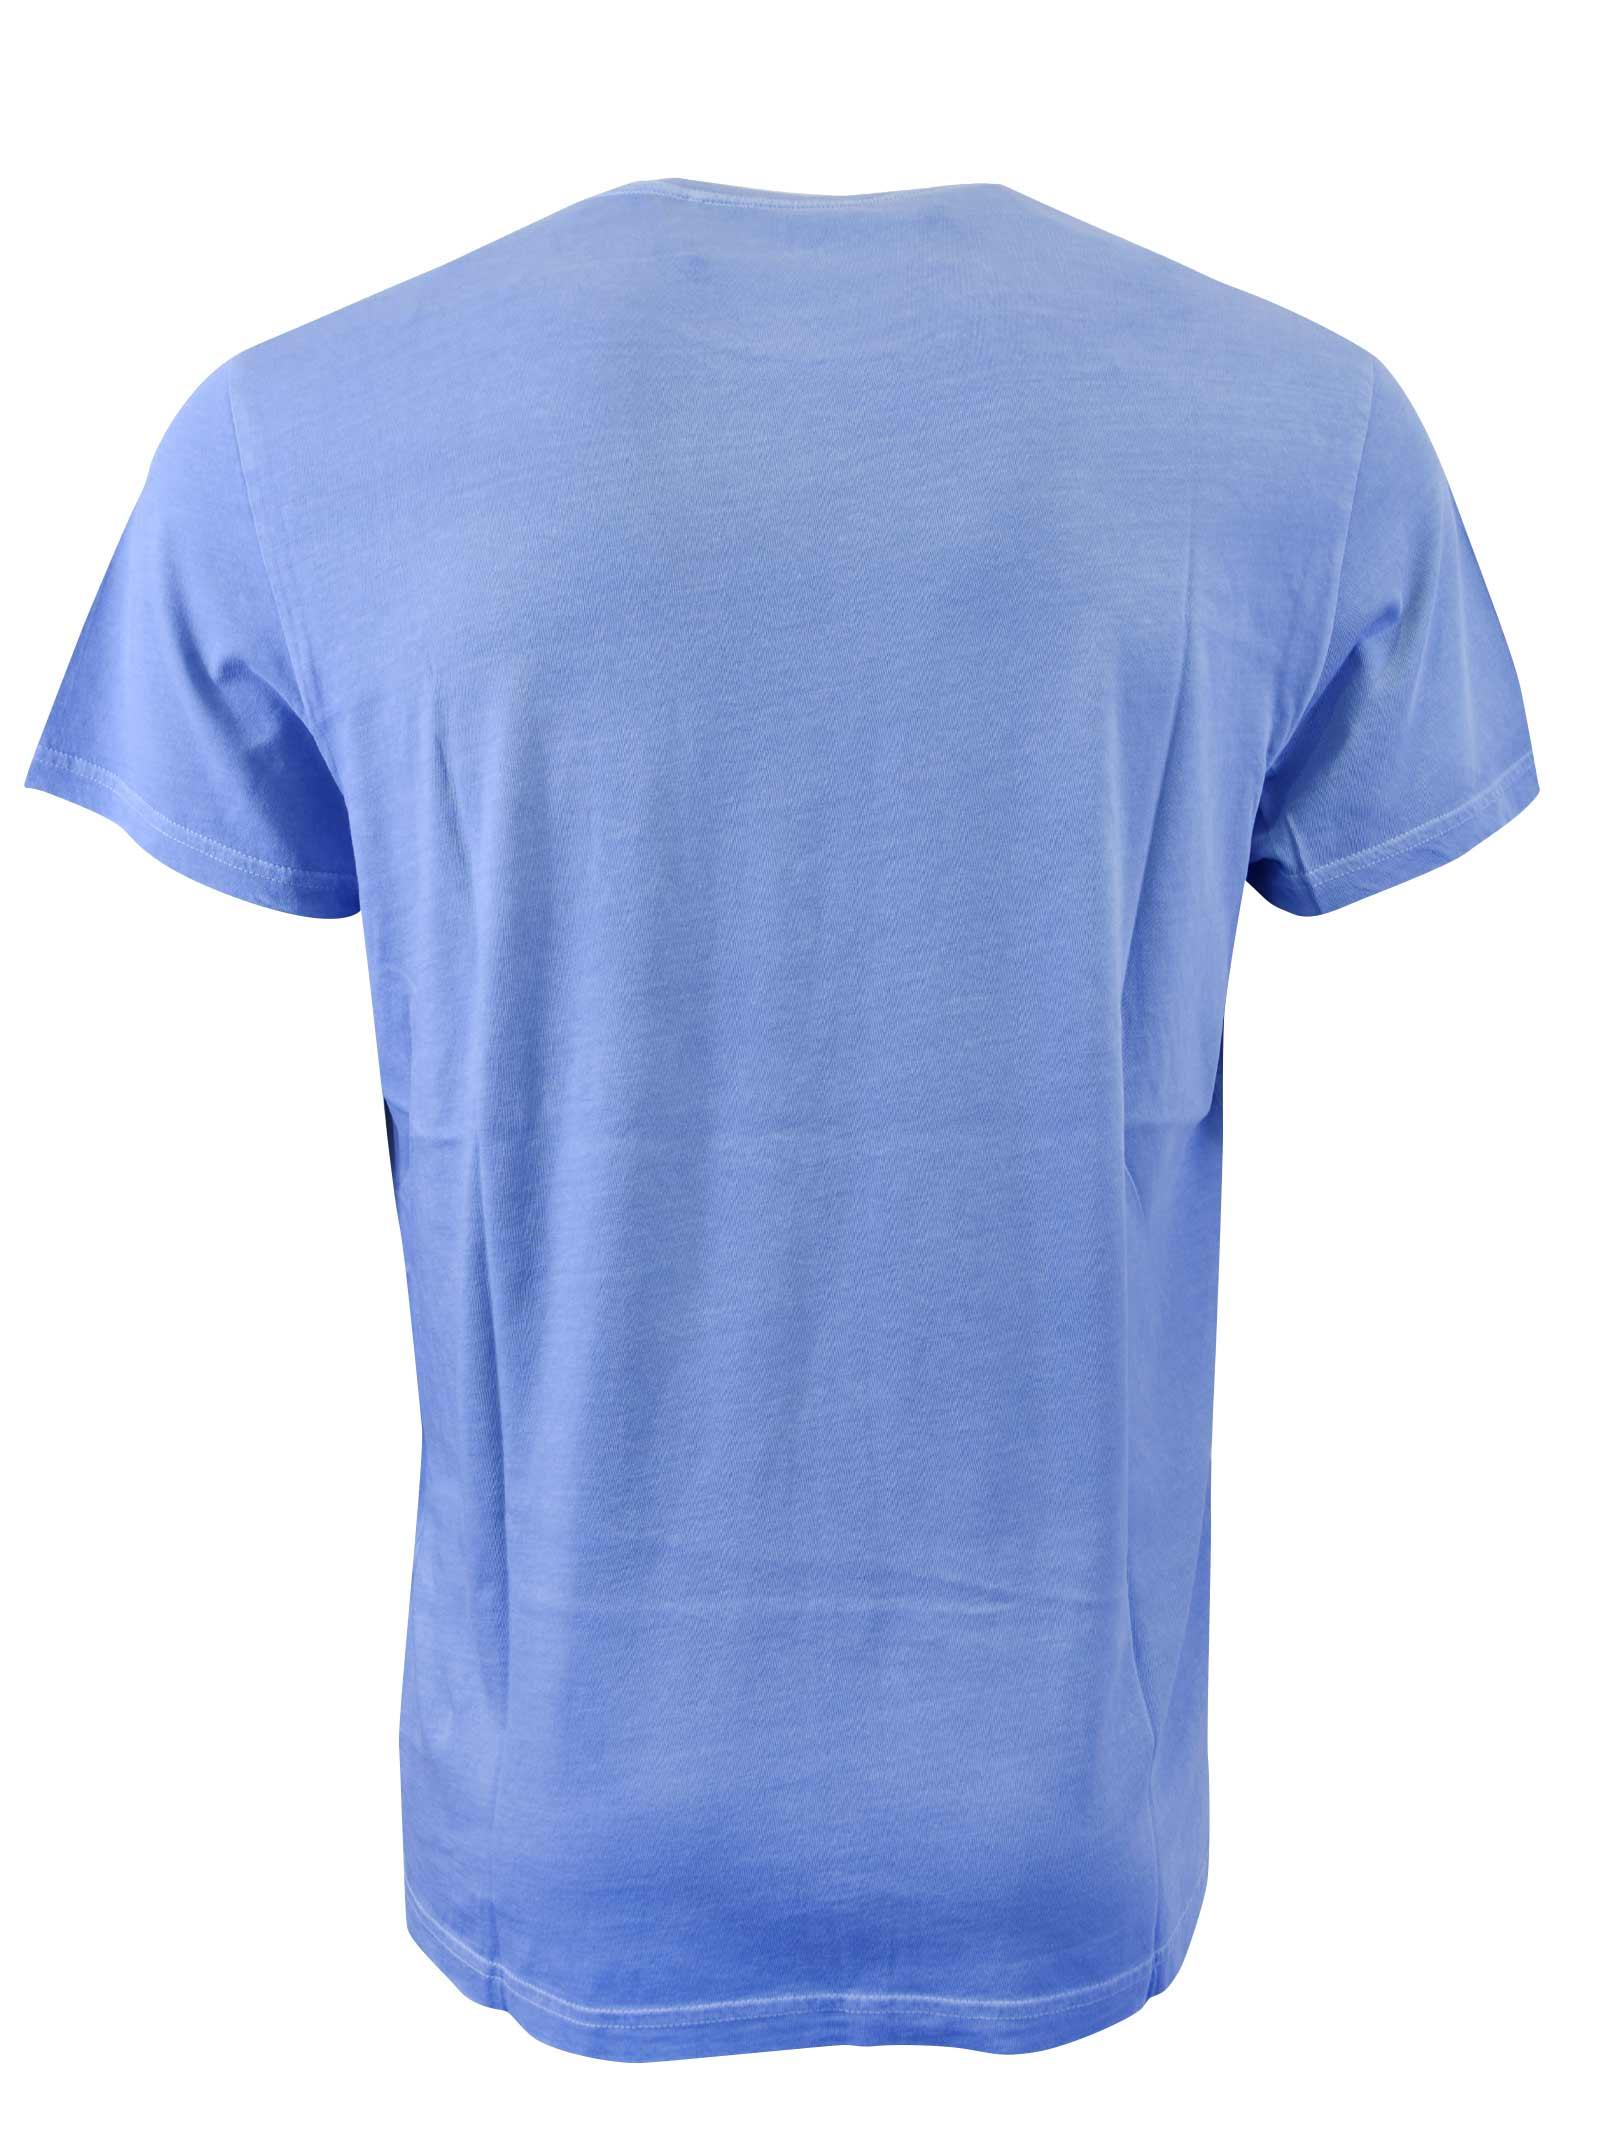 GANT | T-shirts | 2053006468